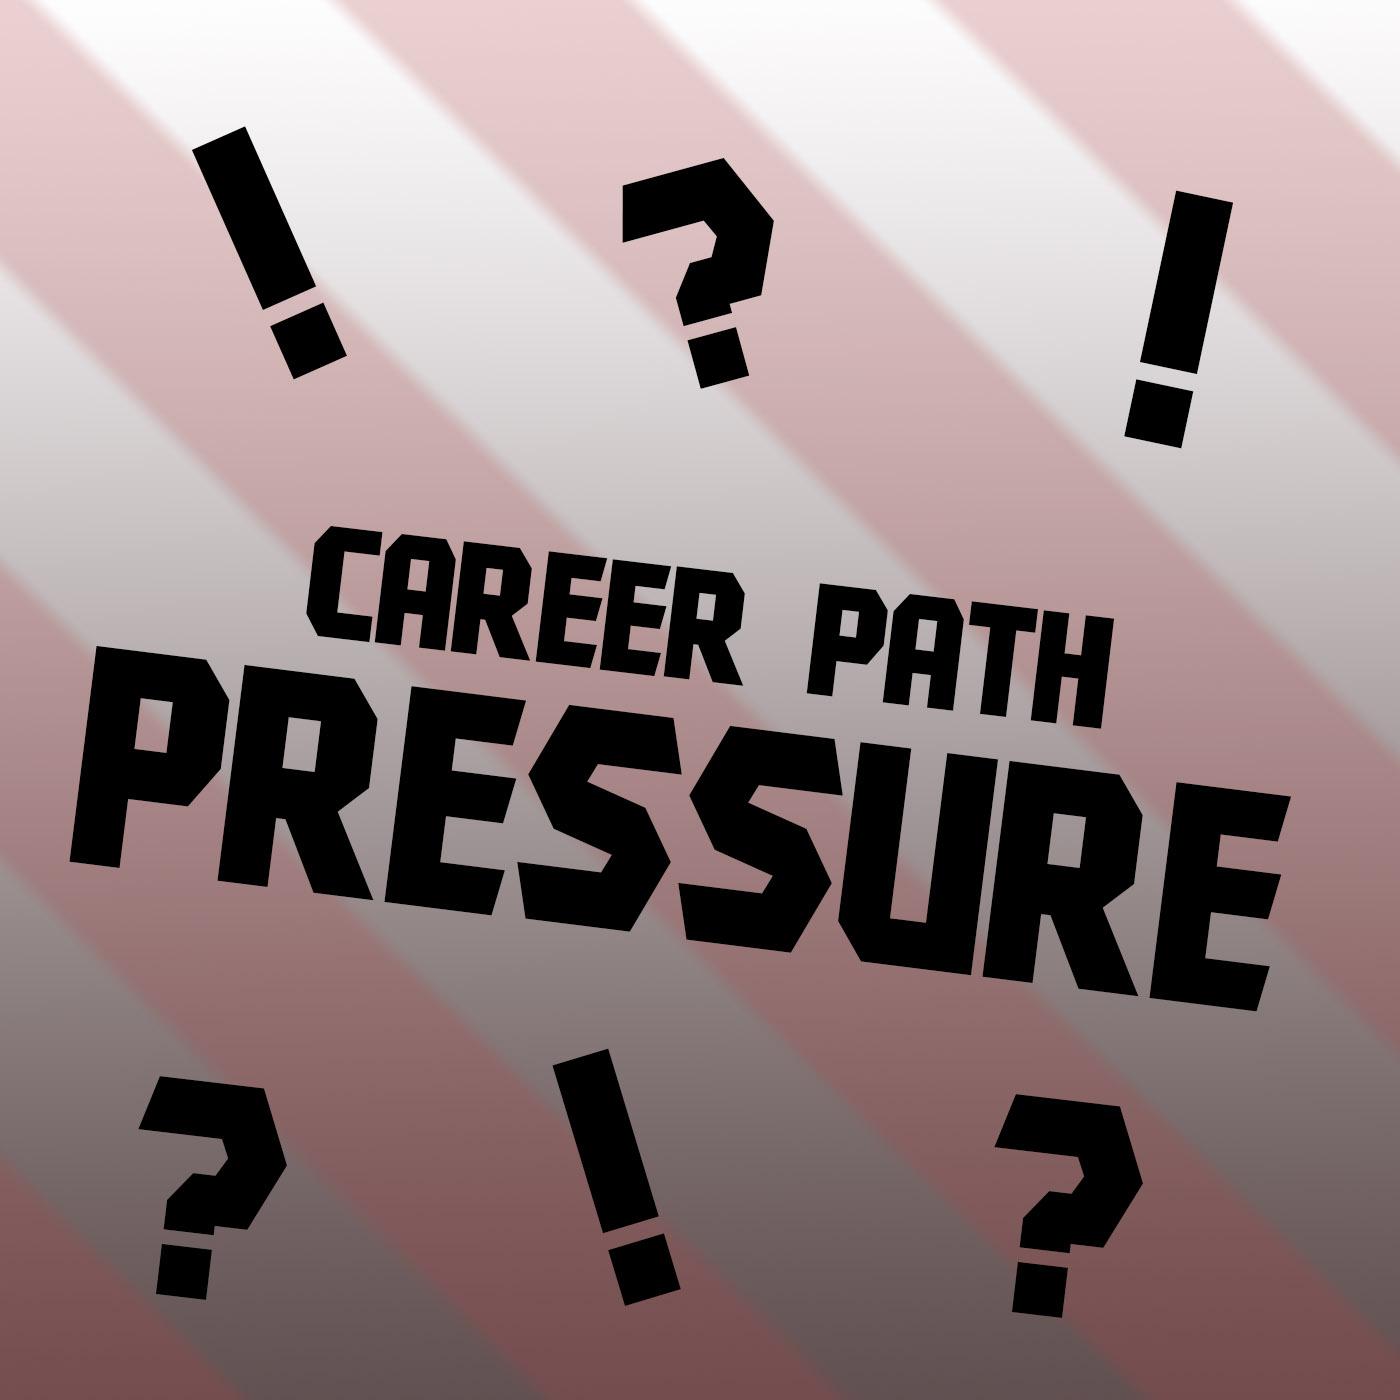 Career_Path_Pressure